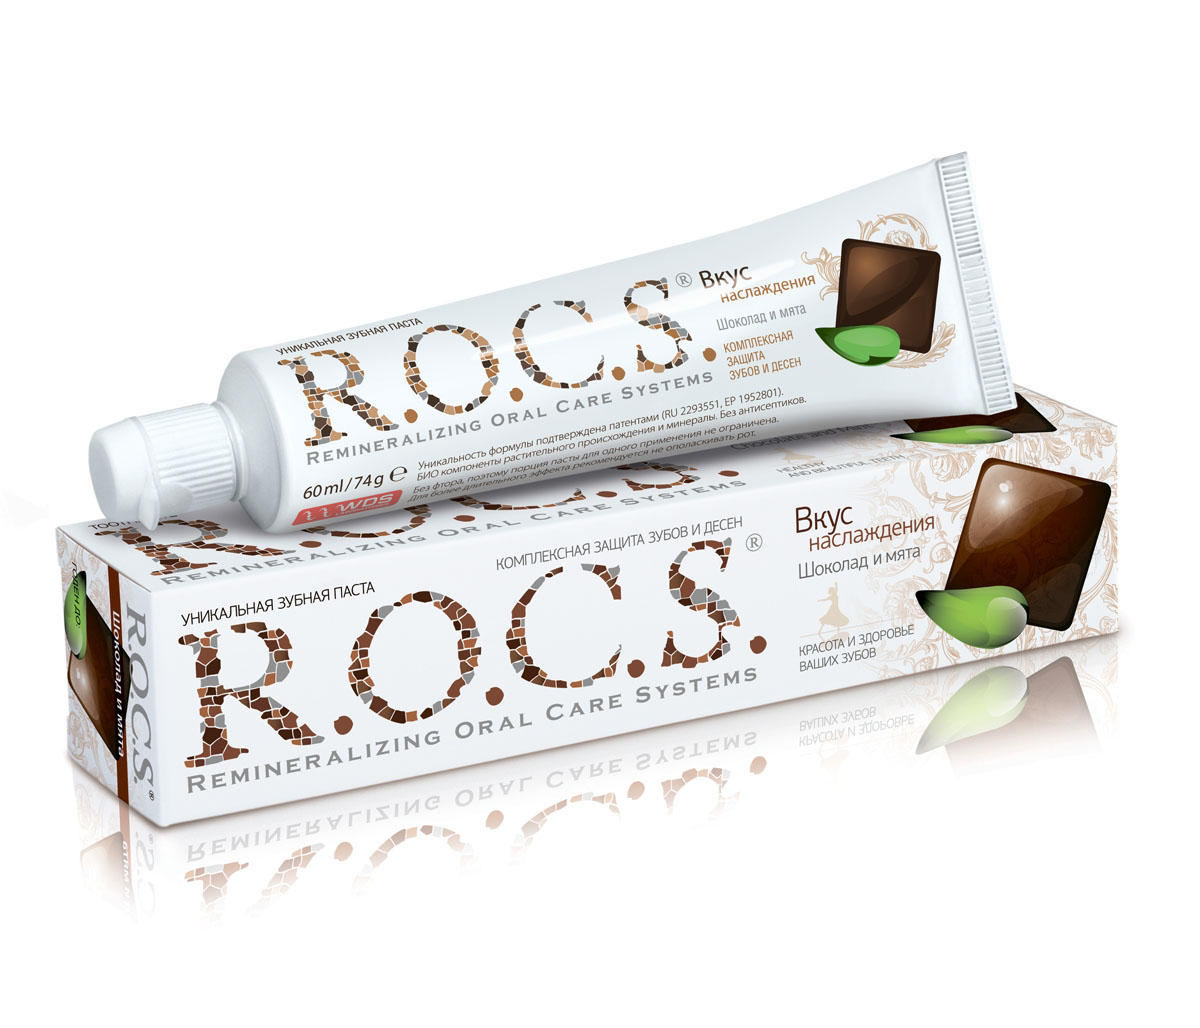 Зубная паста R.O.C.S. Шоколад и мята, 74 г32700050Уникальная зубная паста R.O.C.S. Шоколад и мята - комплексная защита зубов и десен.Значительное количество ингредиентов зубной пасты попадает в кровь через слизистую оболочку полости рта в момент чистки зубов. Вот почему так важно, чтобы паста была безопасной. Запатентованная формула R.O.C.S. содержи био-компоненты растительного происхождения, активность которых сохраняется благодаря применяемой низкотемпературной технологии приготовления зубной пасты.Высокая эффективность R.O.C.S. подтверждена клиническими исследованиями:Защищает от кариеса и нормализует состав микрофлоры полости рта;Возвращает белизну и блеск эмали за счет действия ферментативной системы в сочетании с минеральным комплексом;Устраняет кровоточивость и воспаление десен без применения антисептиков. Характеристики: Вес: 74 г. Производитель: Россия. Артикул: 71675.Товар сертифицирован.